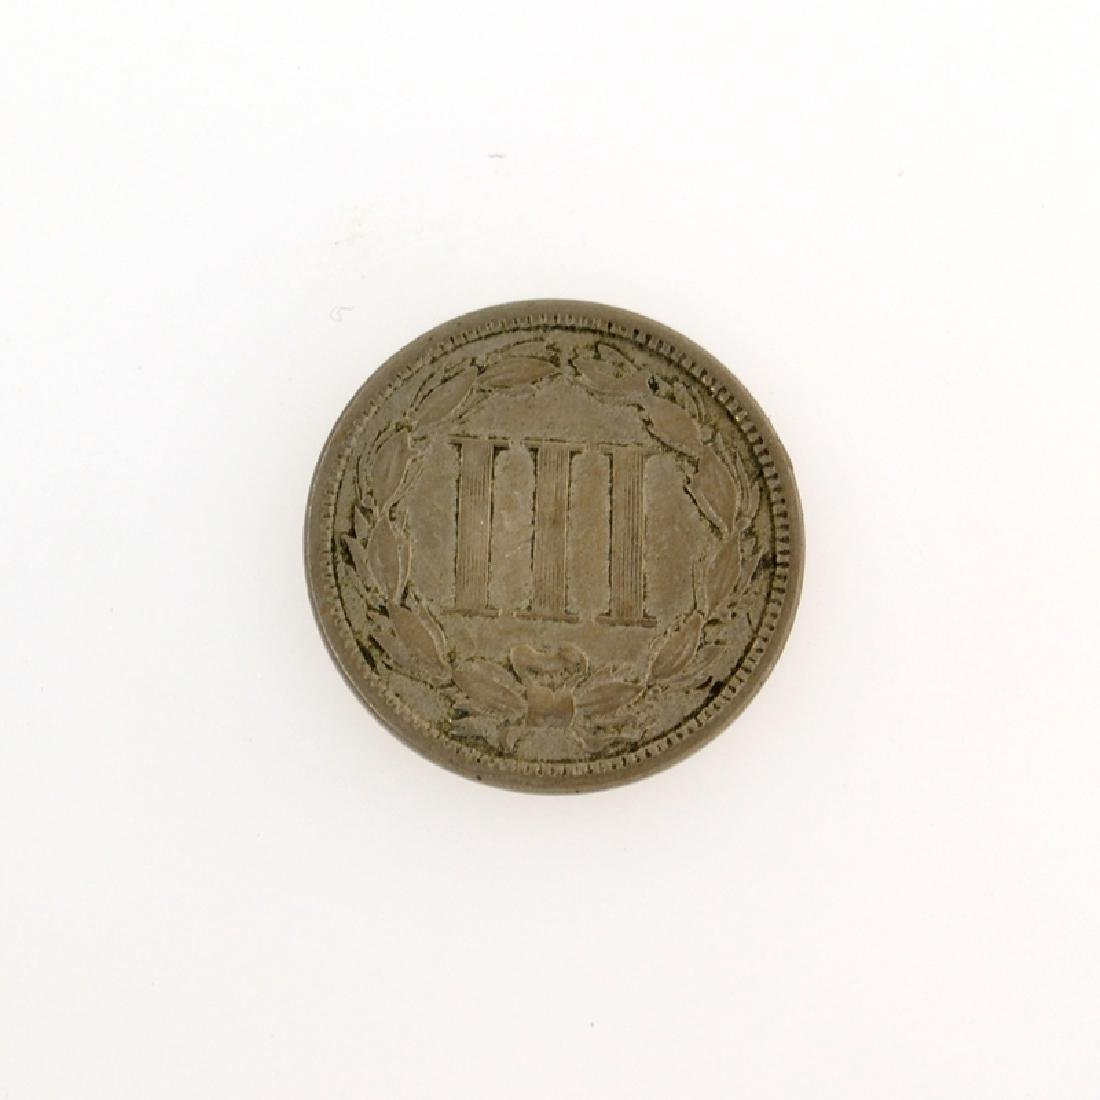 1865 Three Cent Piece Nickel Coin - 2